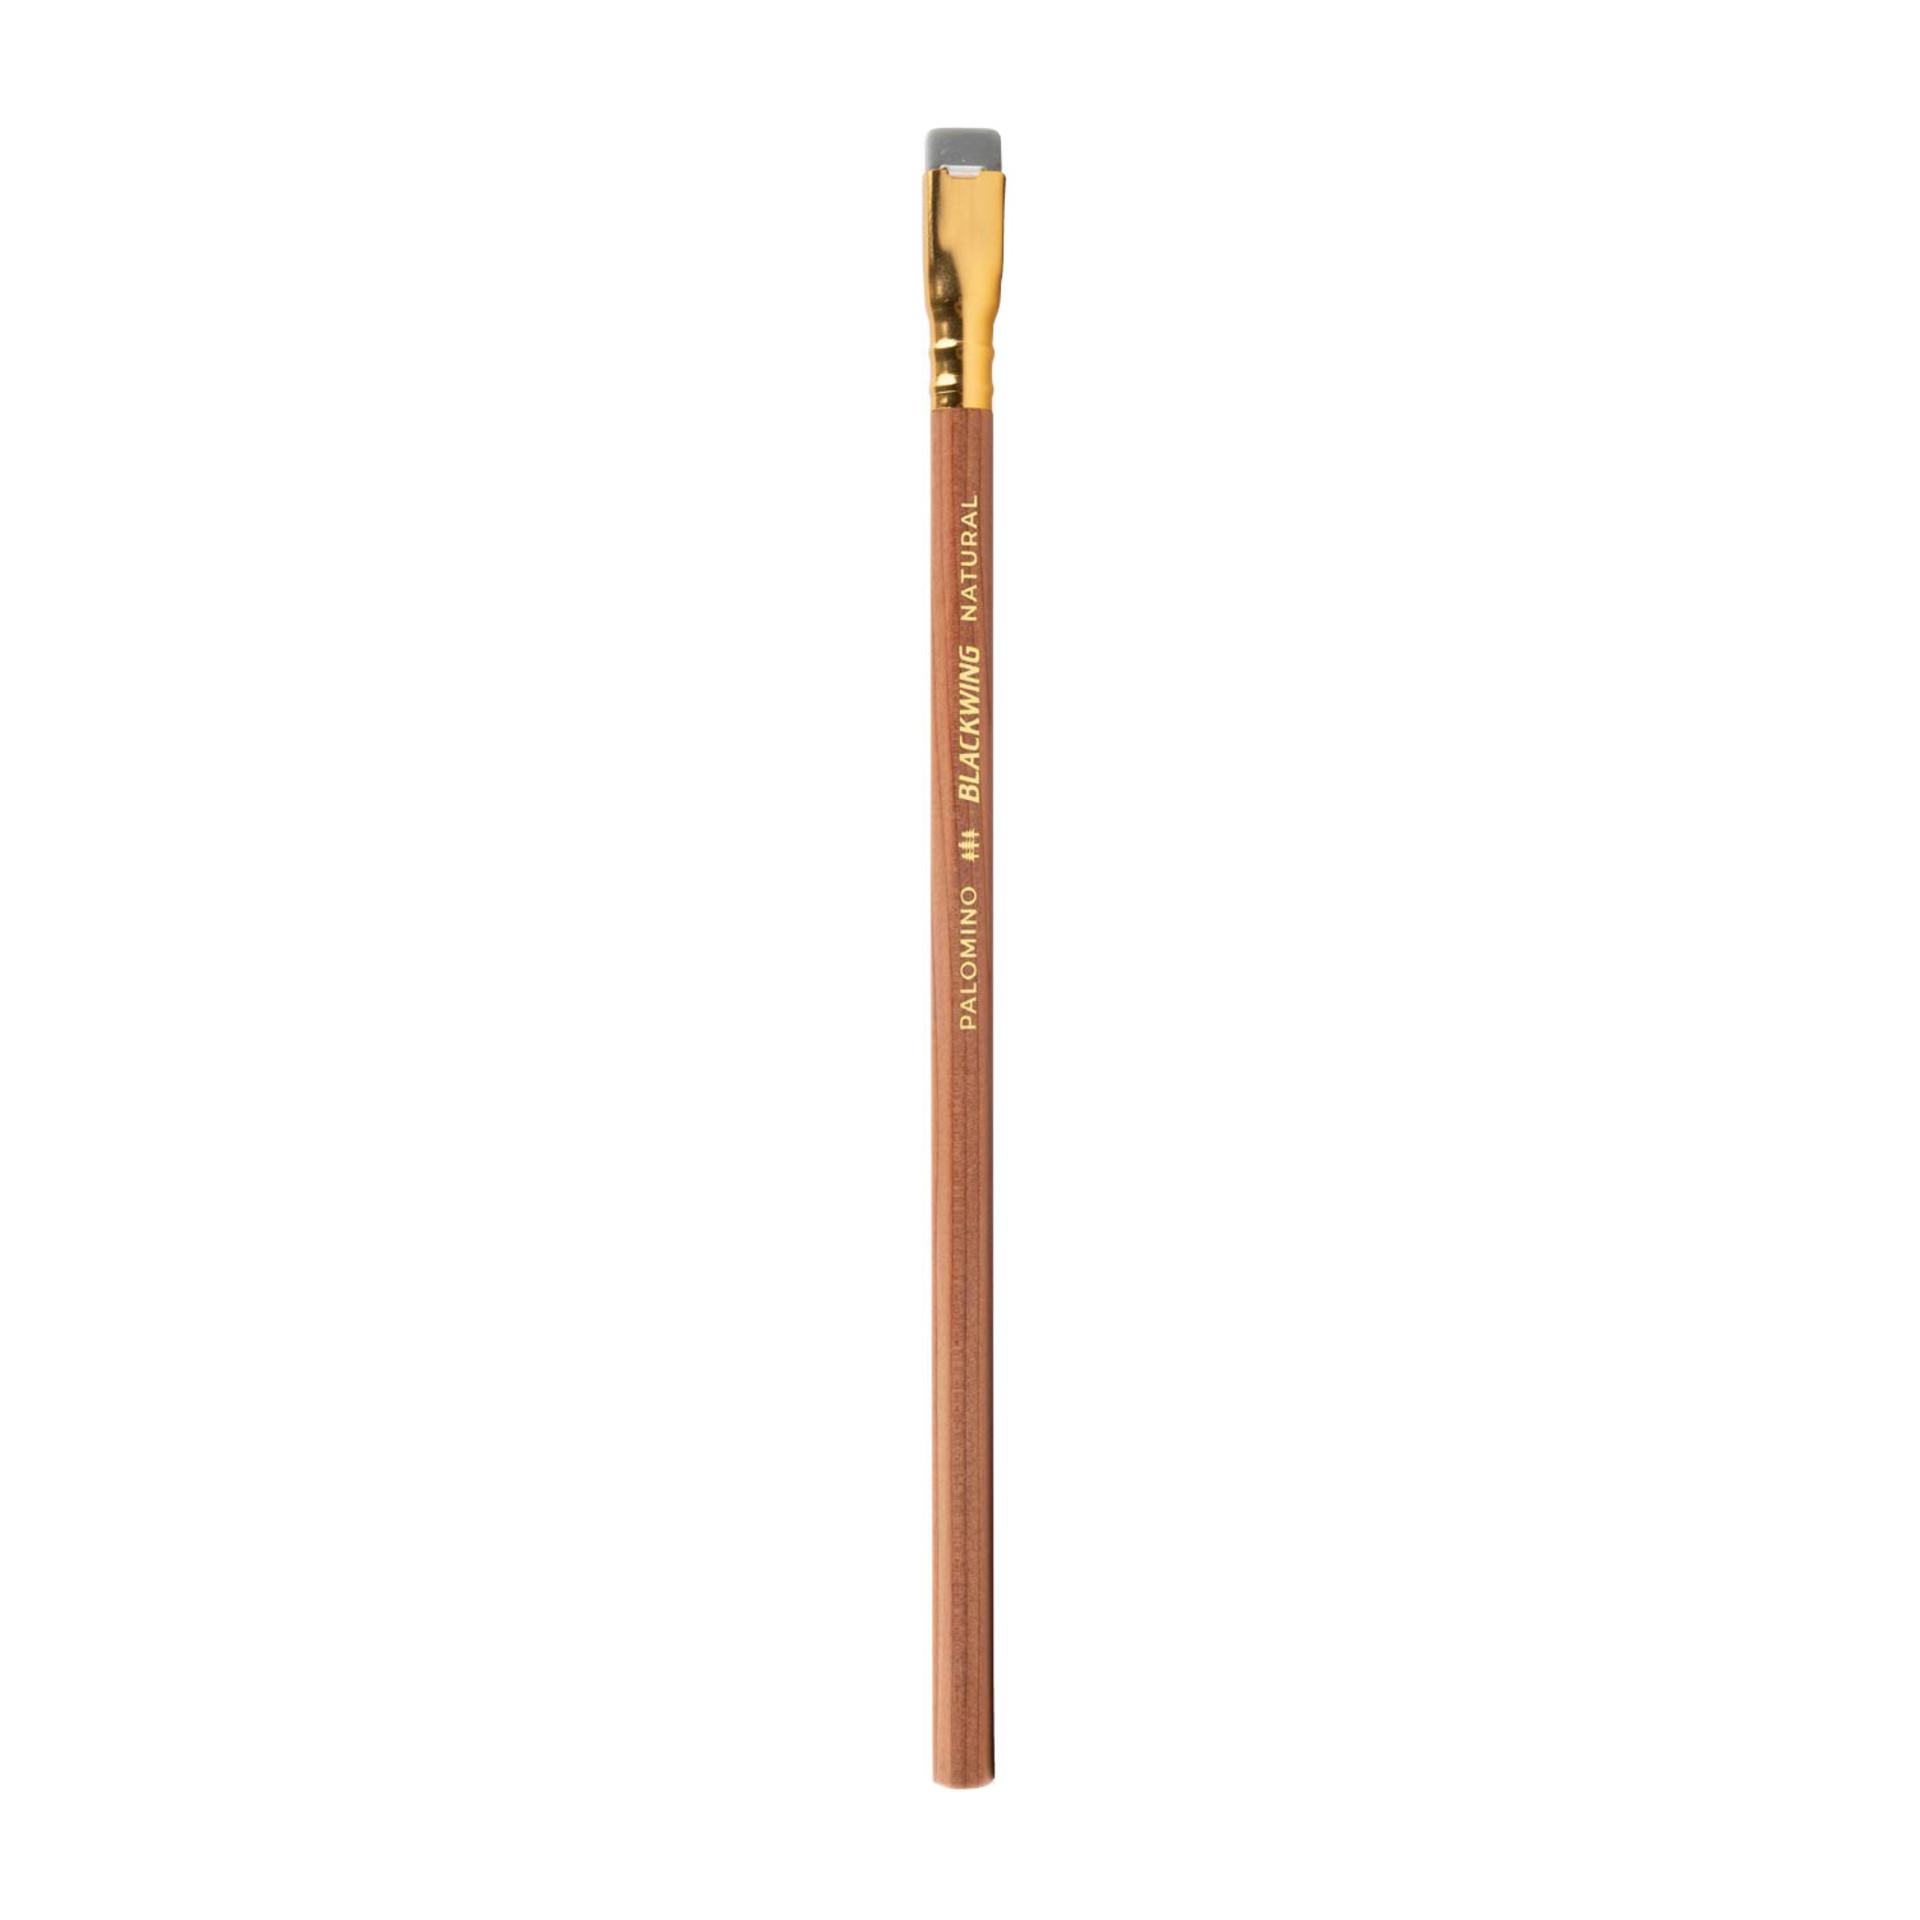 Palomino Blackwing Natural Graphite Pencil